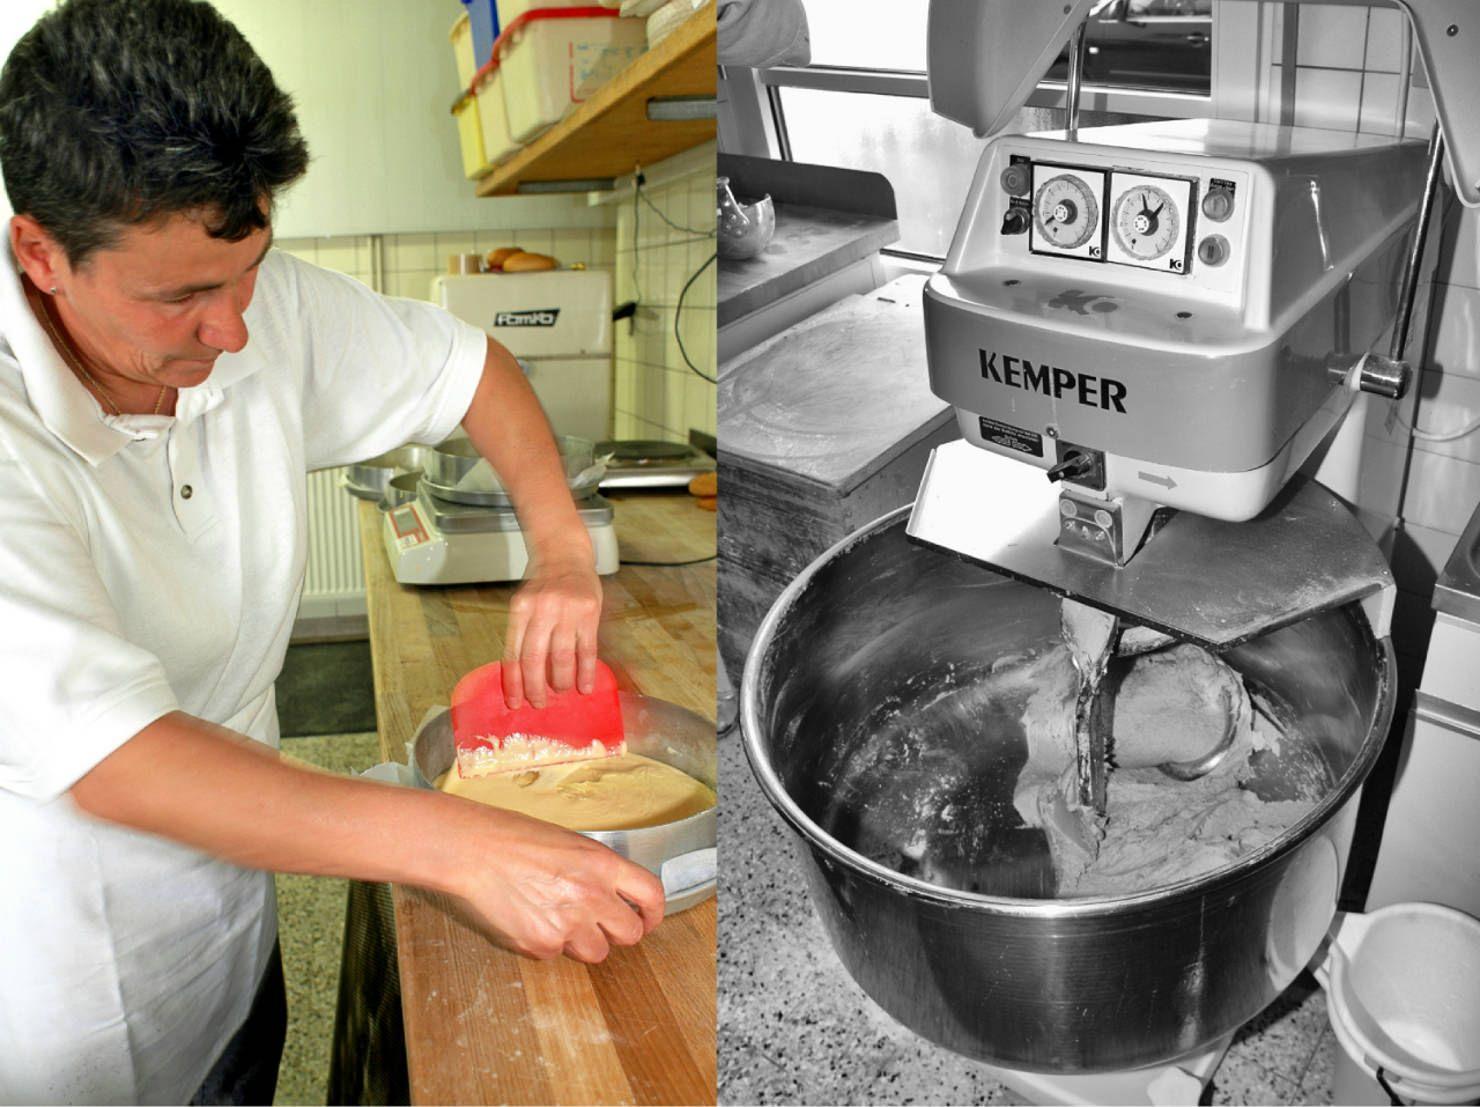 Bäckermeisterin Karmen Kron ist in der kleinen Backstube die rechte Hand von Helmut Ruß. Bäckerei Ruß in Guldental an der Nahe. #MoToLogie #Brot #Brotkultur